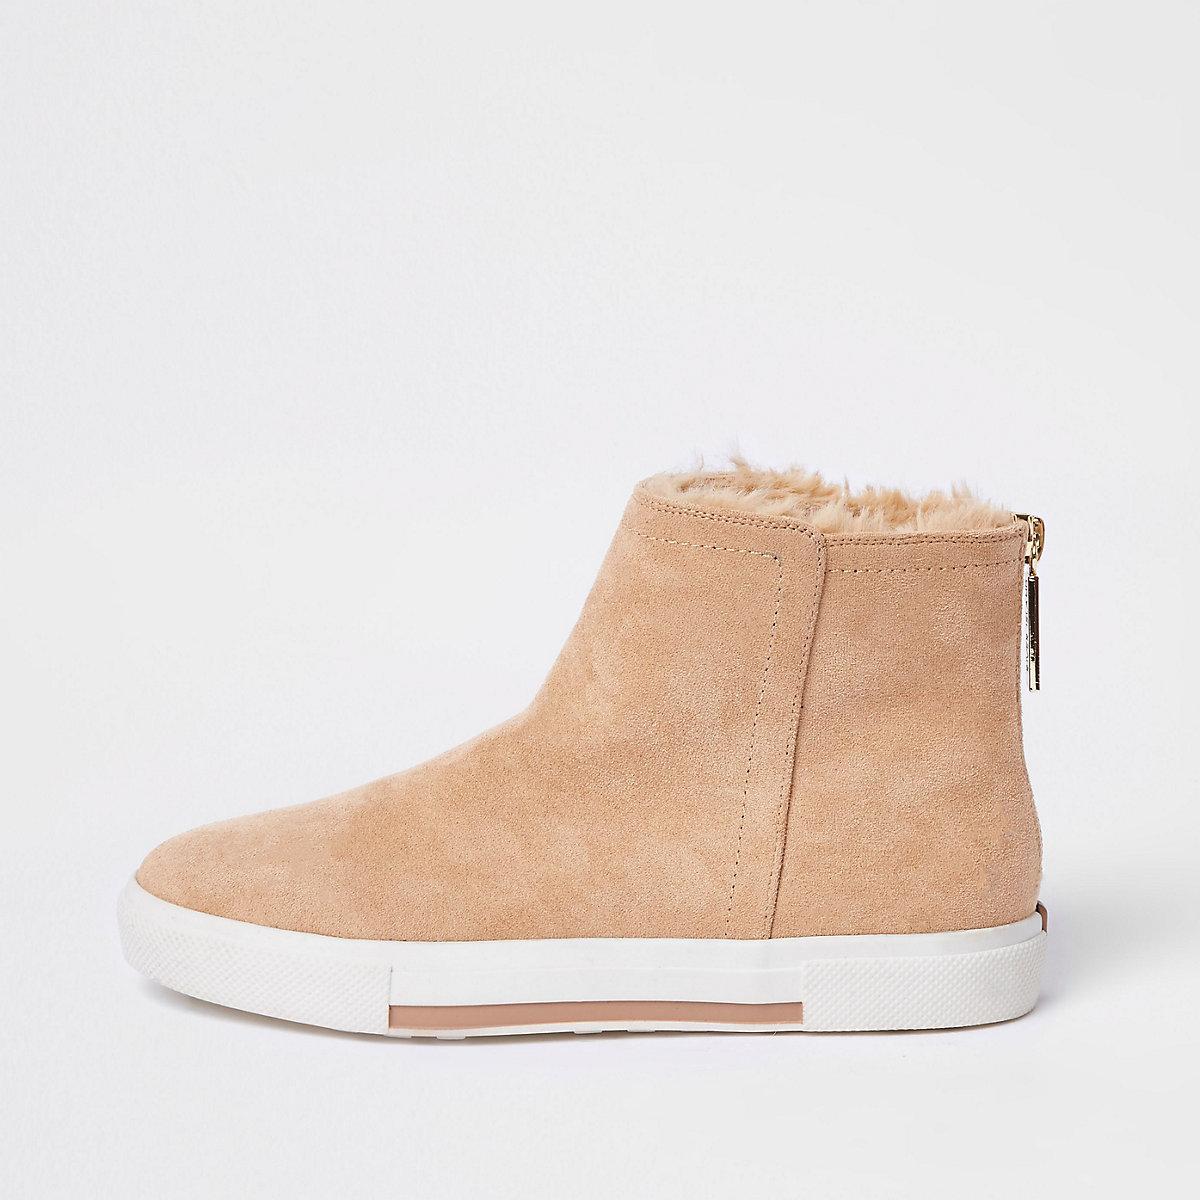 Beige laarzen met imitatiebonten voering en brede pasvorm